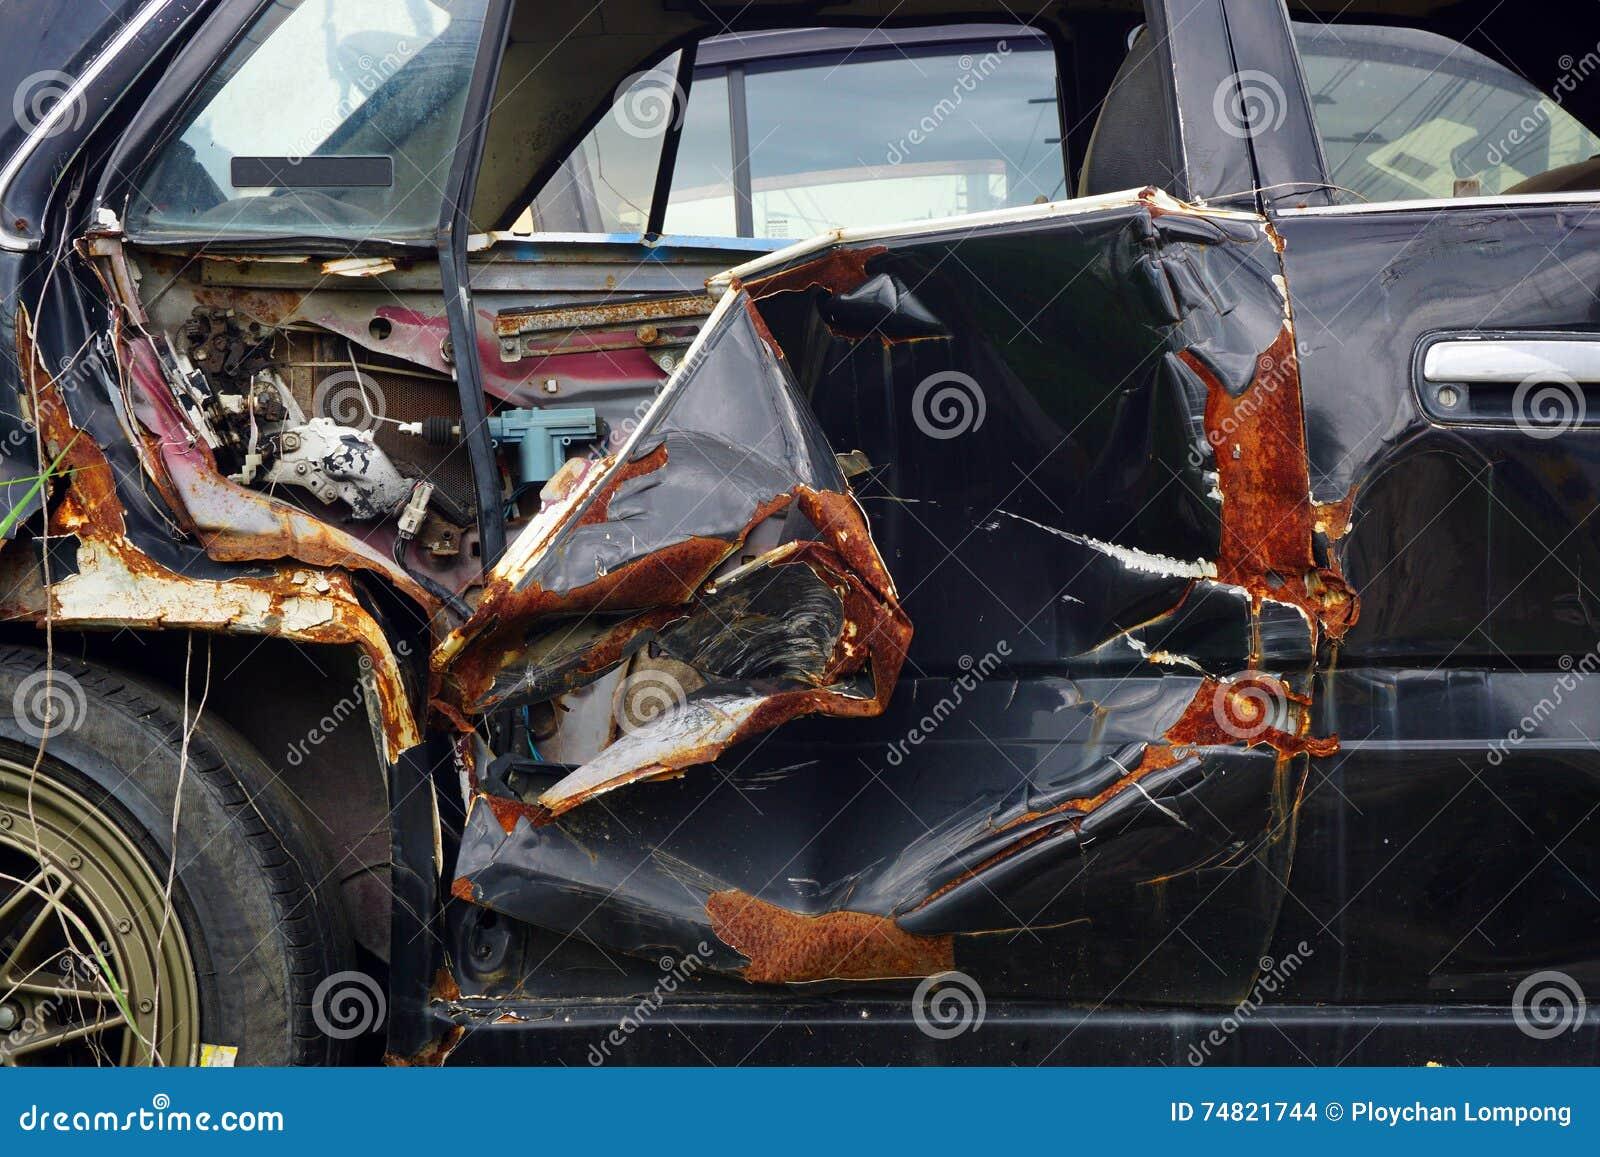 Oberfläche Des Alten Unfall Autos Und Rosts Stockfoto - Bild von ...